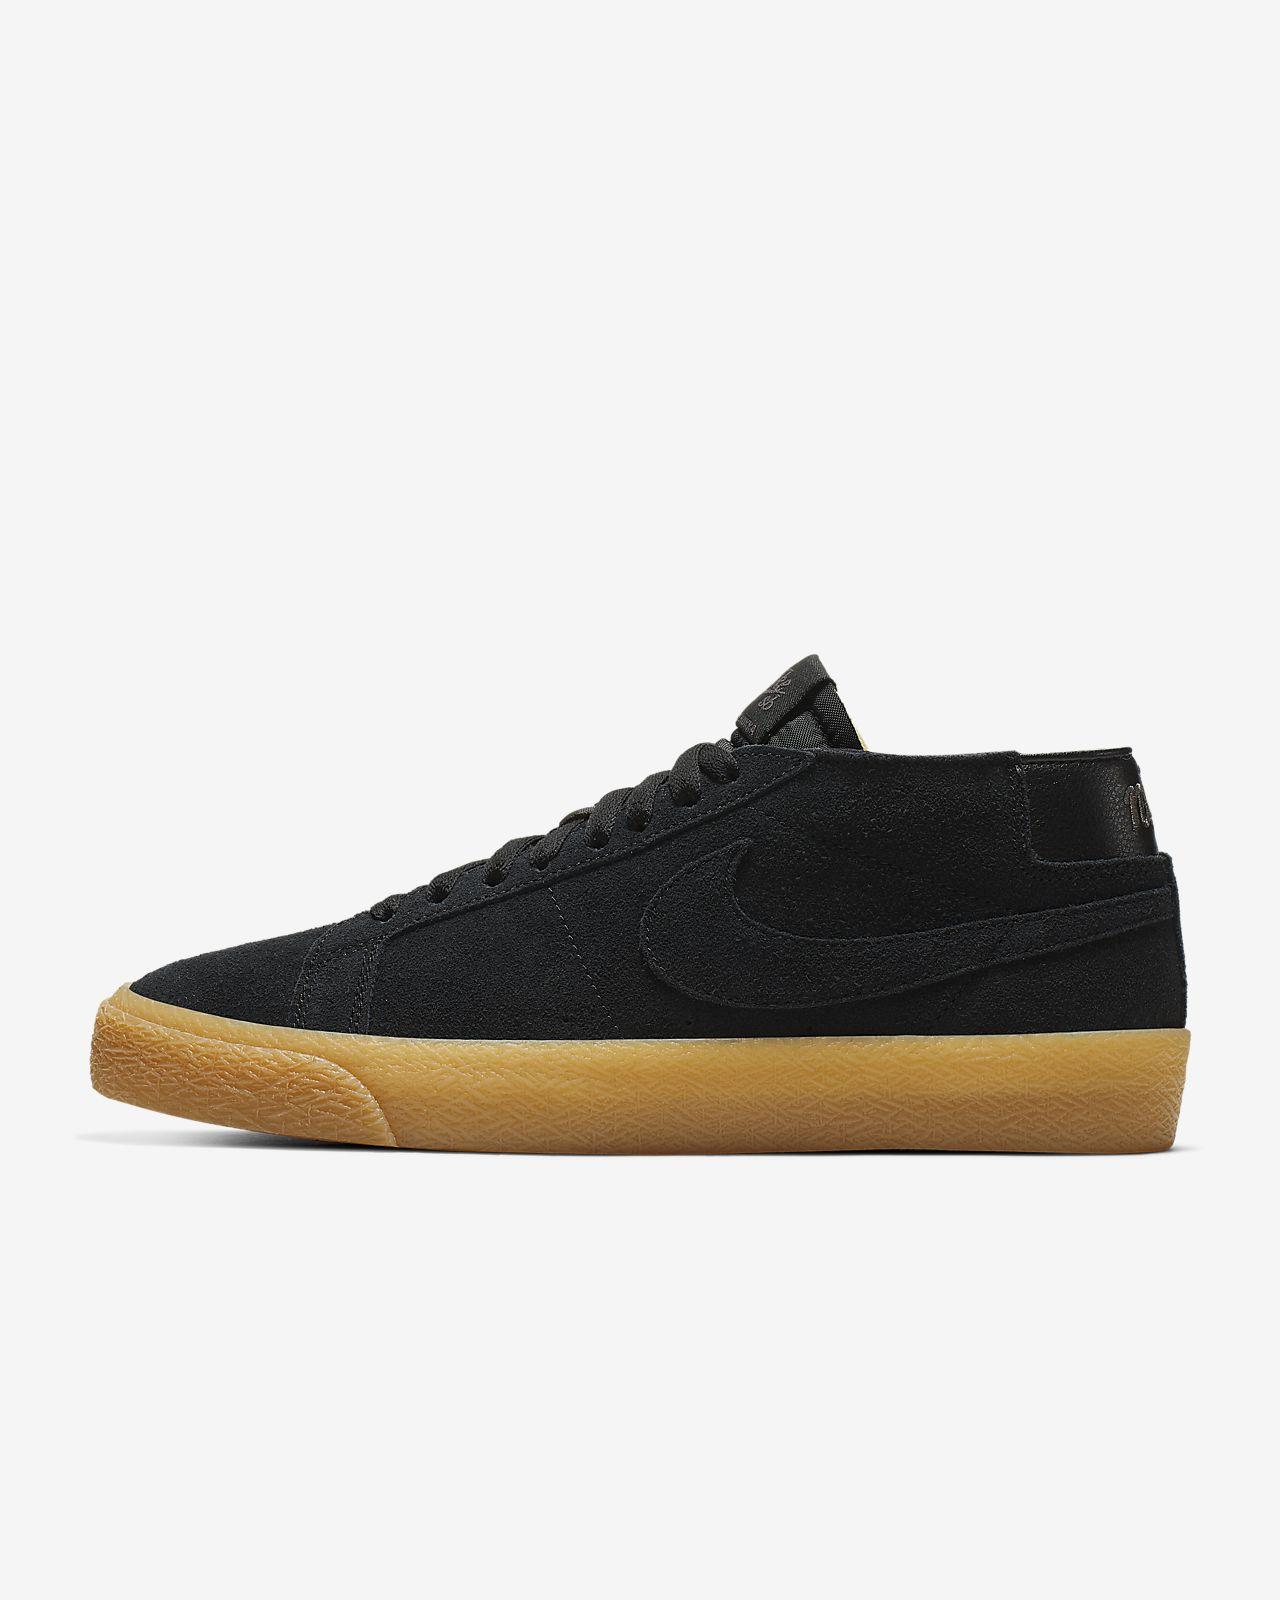 Calzado de skateboarding para hombre Nike SB Zoom Blazer Chukka